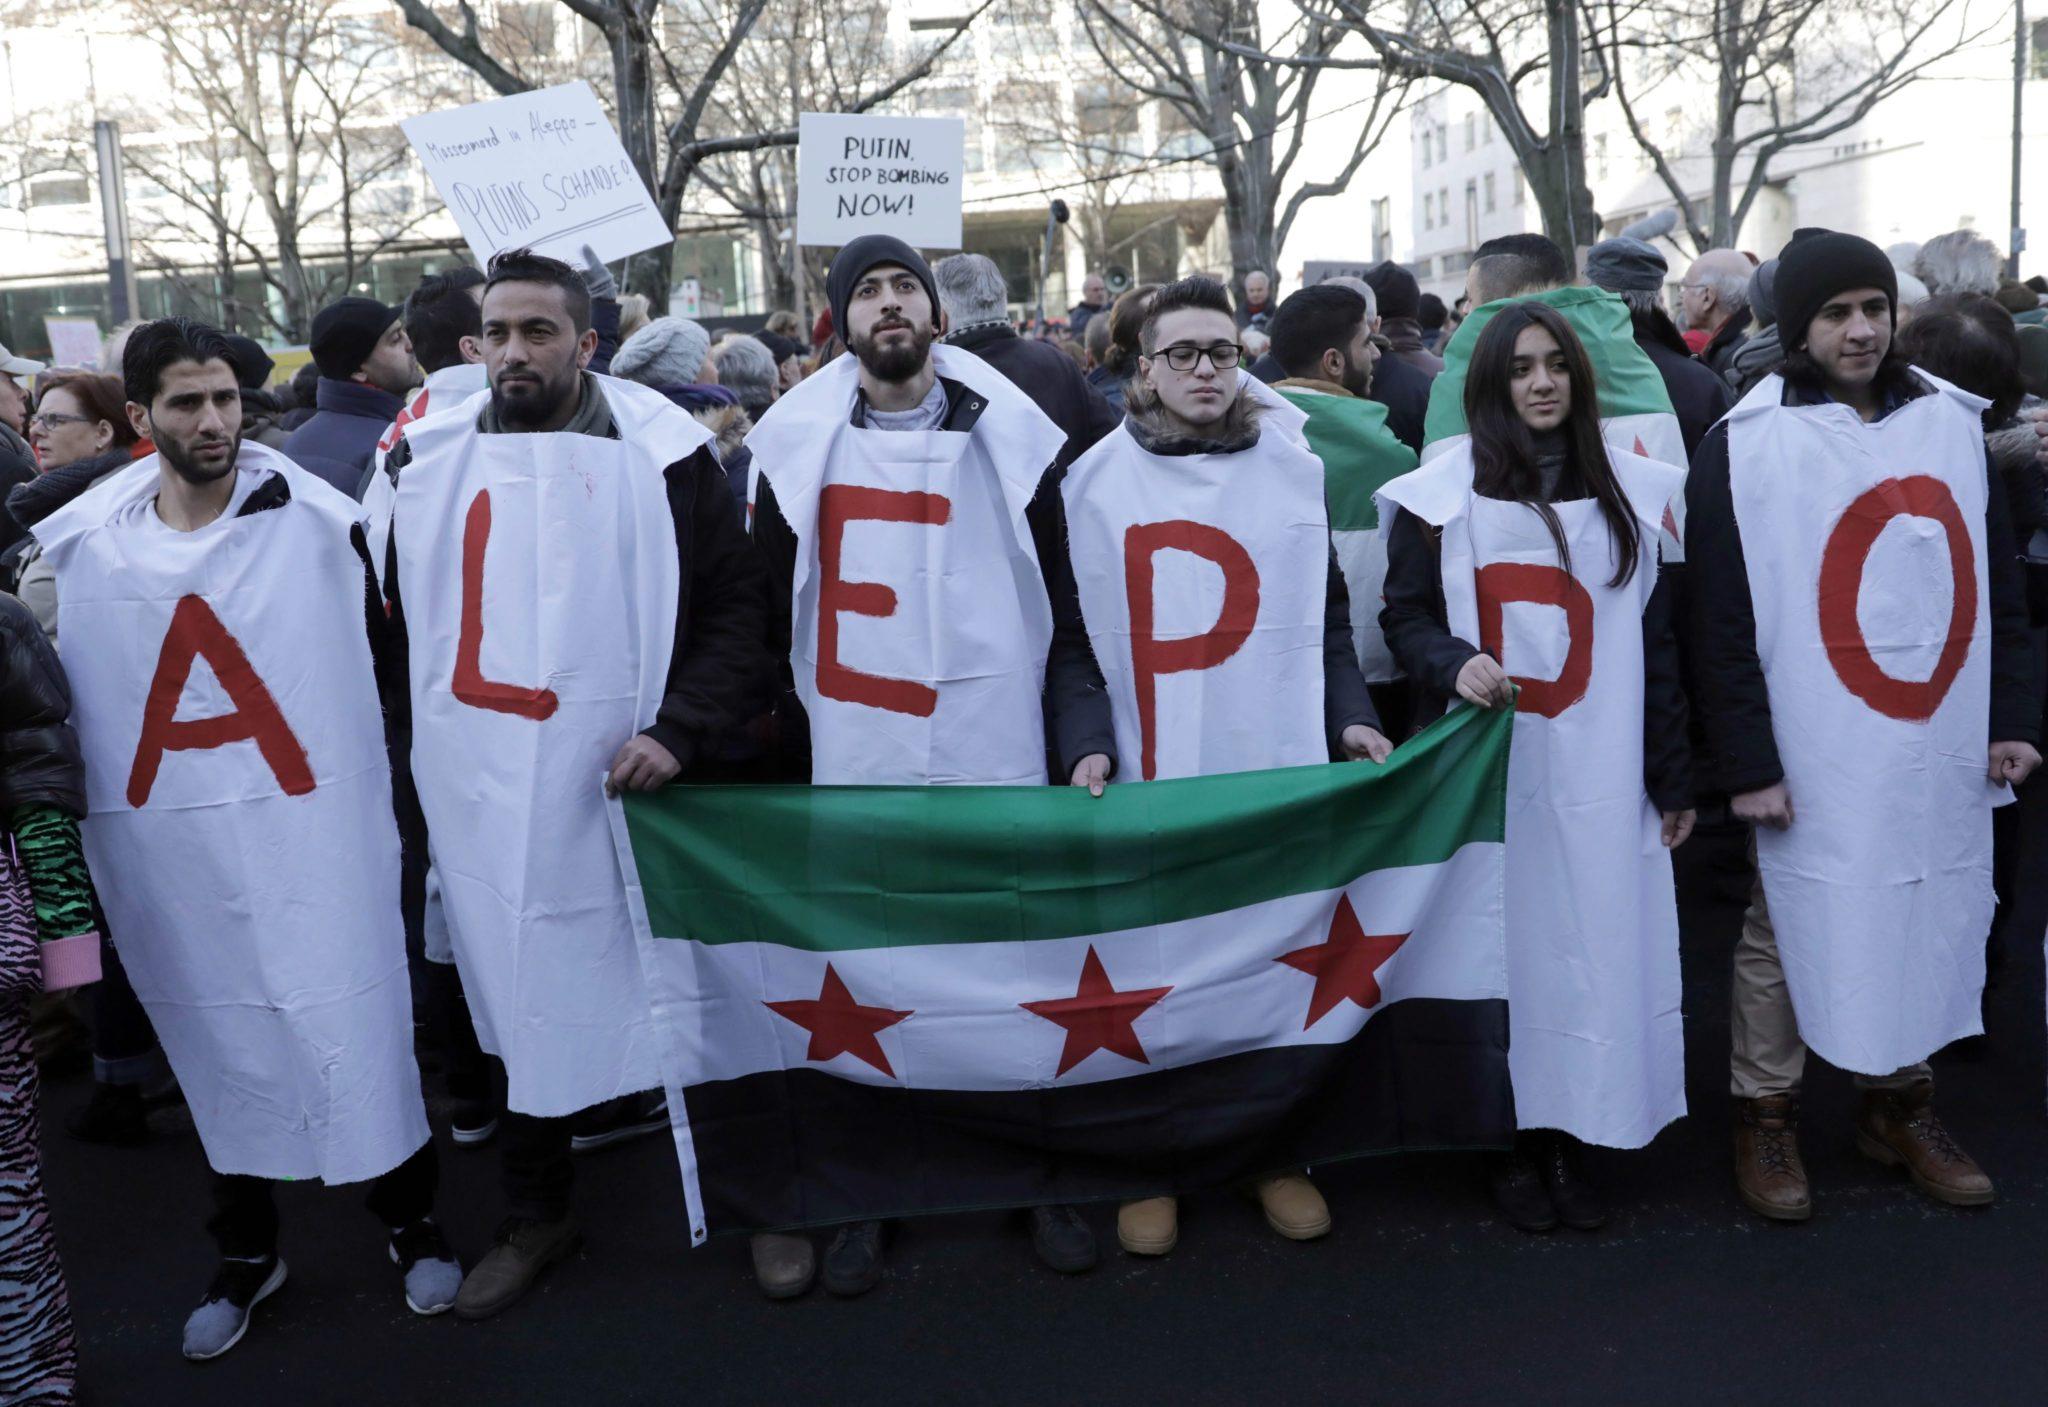 Niemcy: demonstracja pod rosyjską ambasadą w Berlinie wzywająca do zaprzestania walk w Syrii (foto. PAP/EPA/JOERG CARSTENSEN)